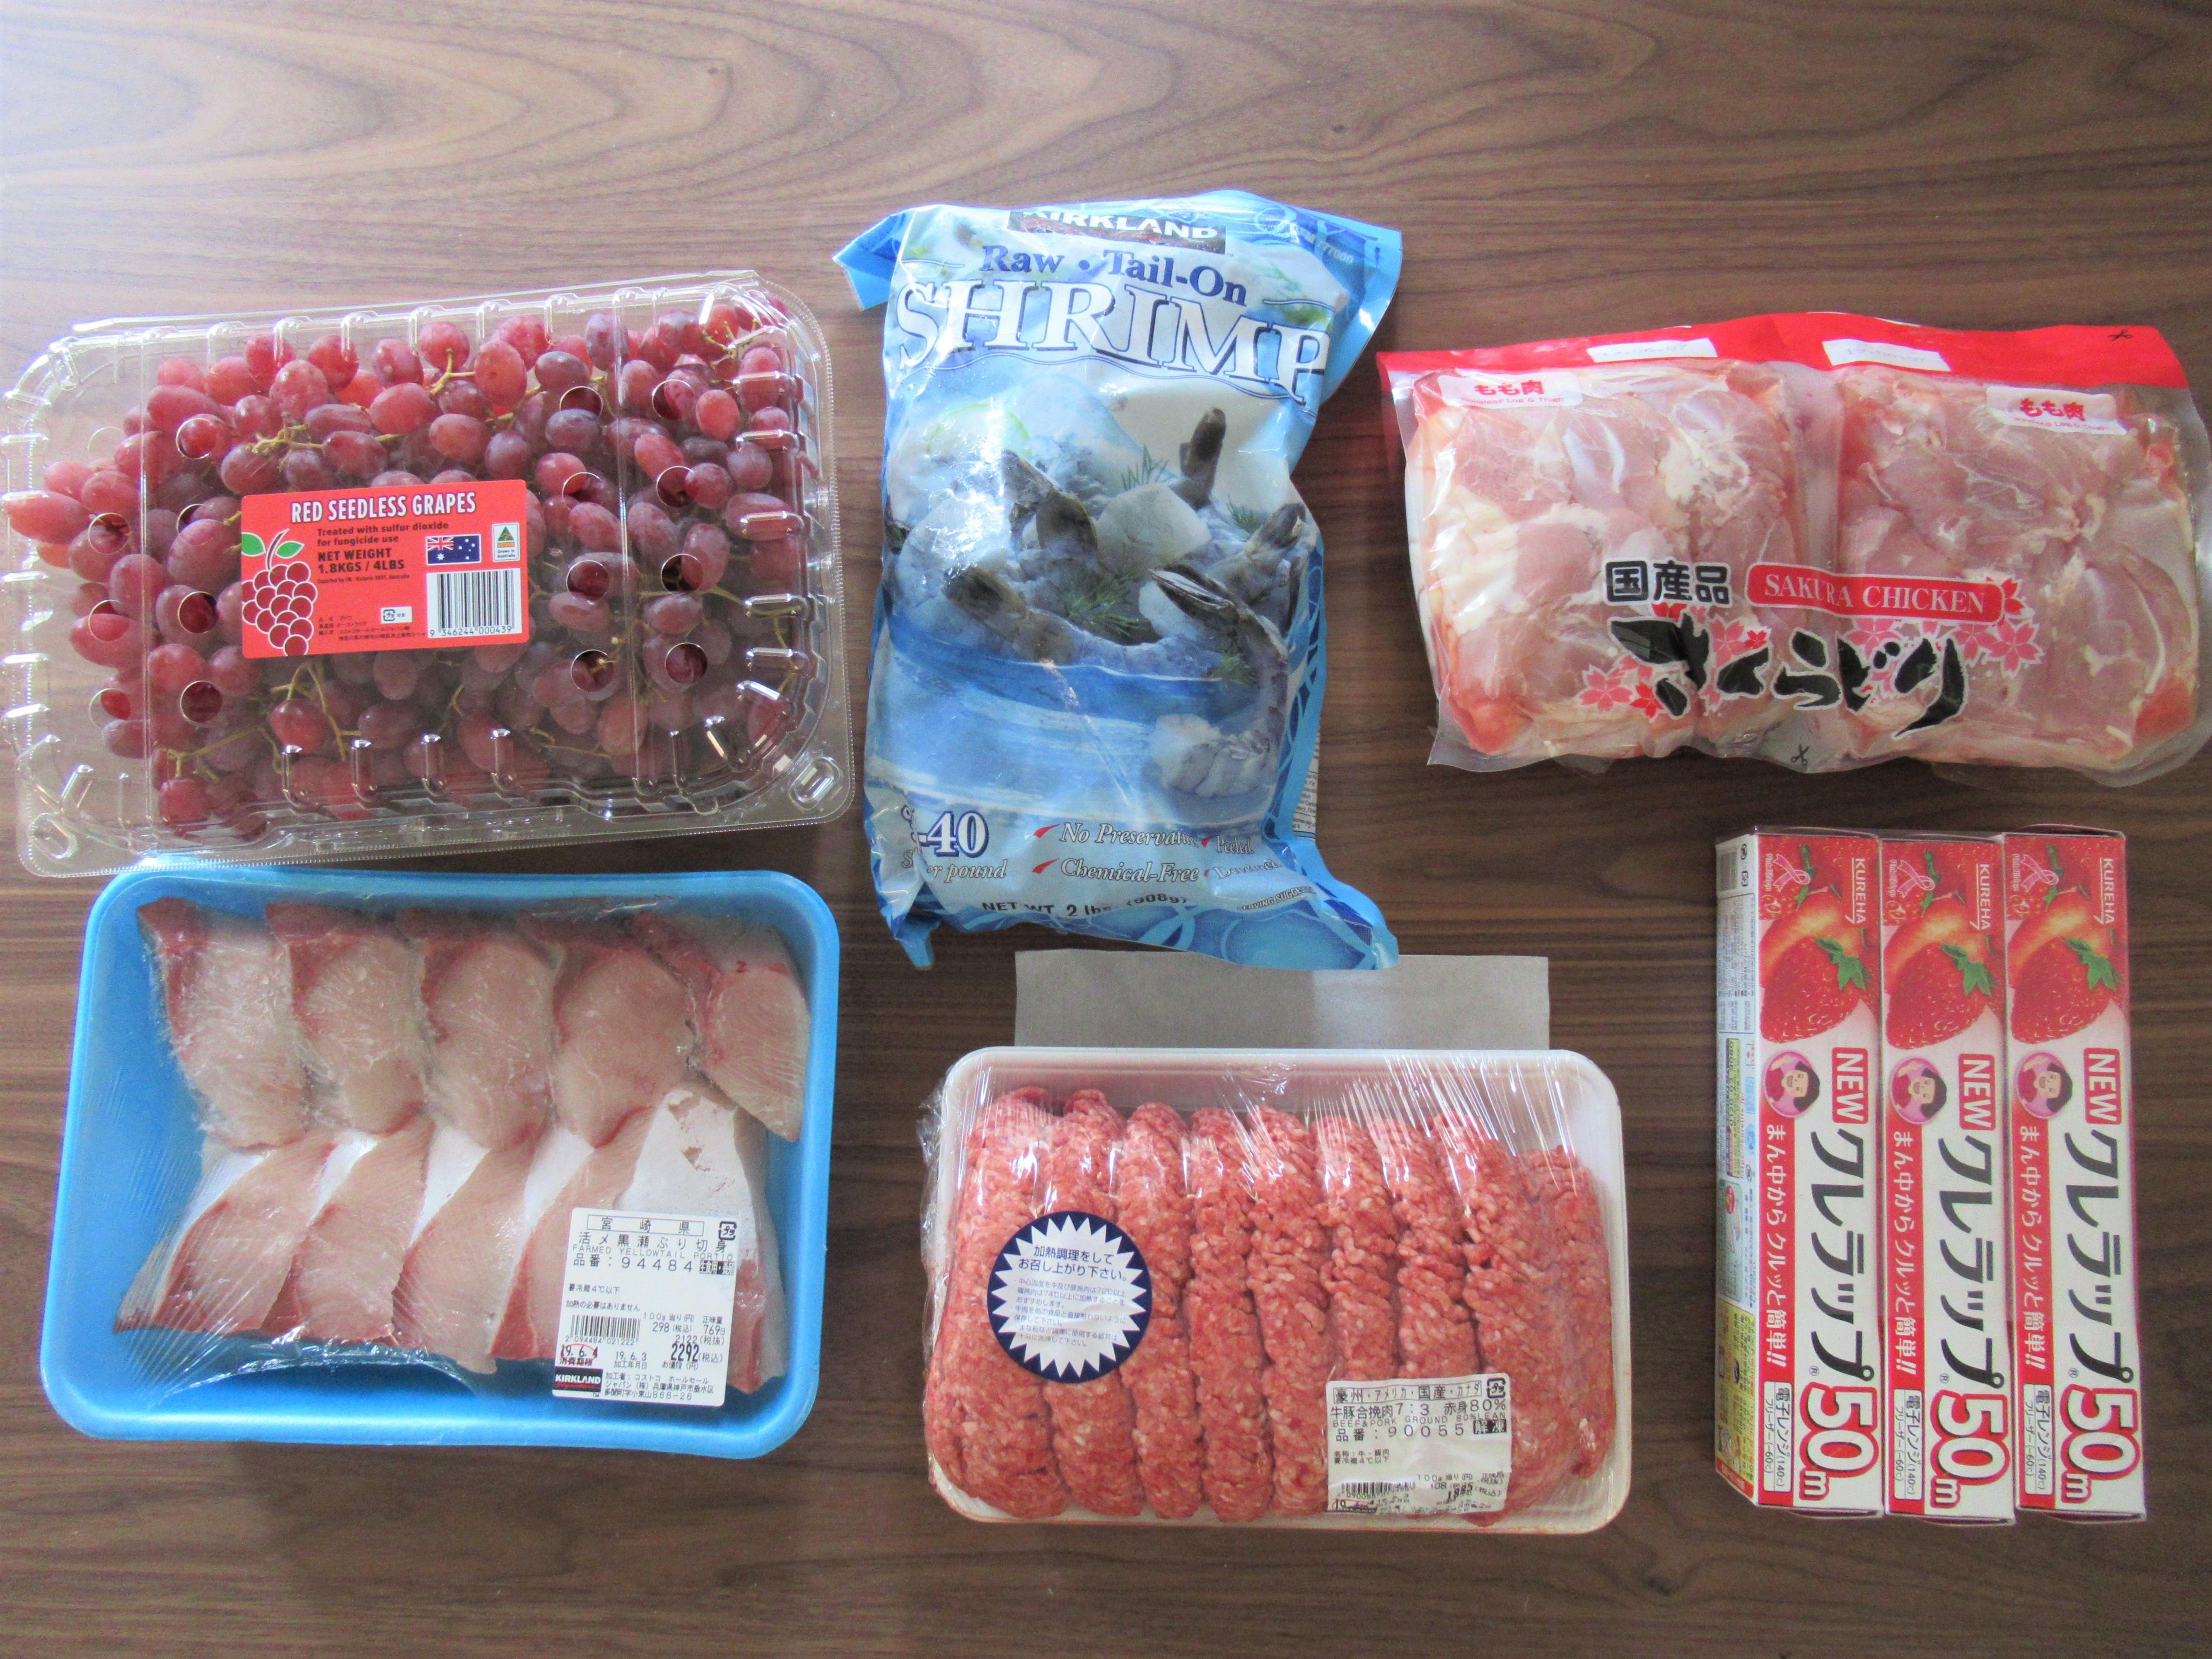 コストコ「黒瀬ぶり」の冷凍方法と「シュリンプ」の食材の使い方|ラク家事ブログ